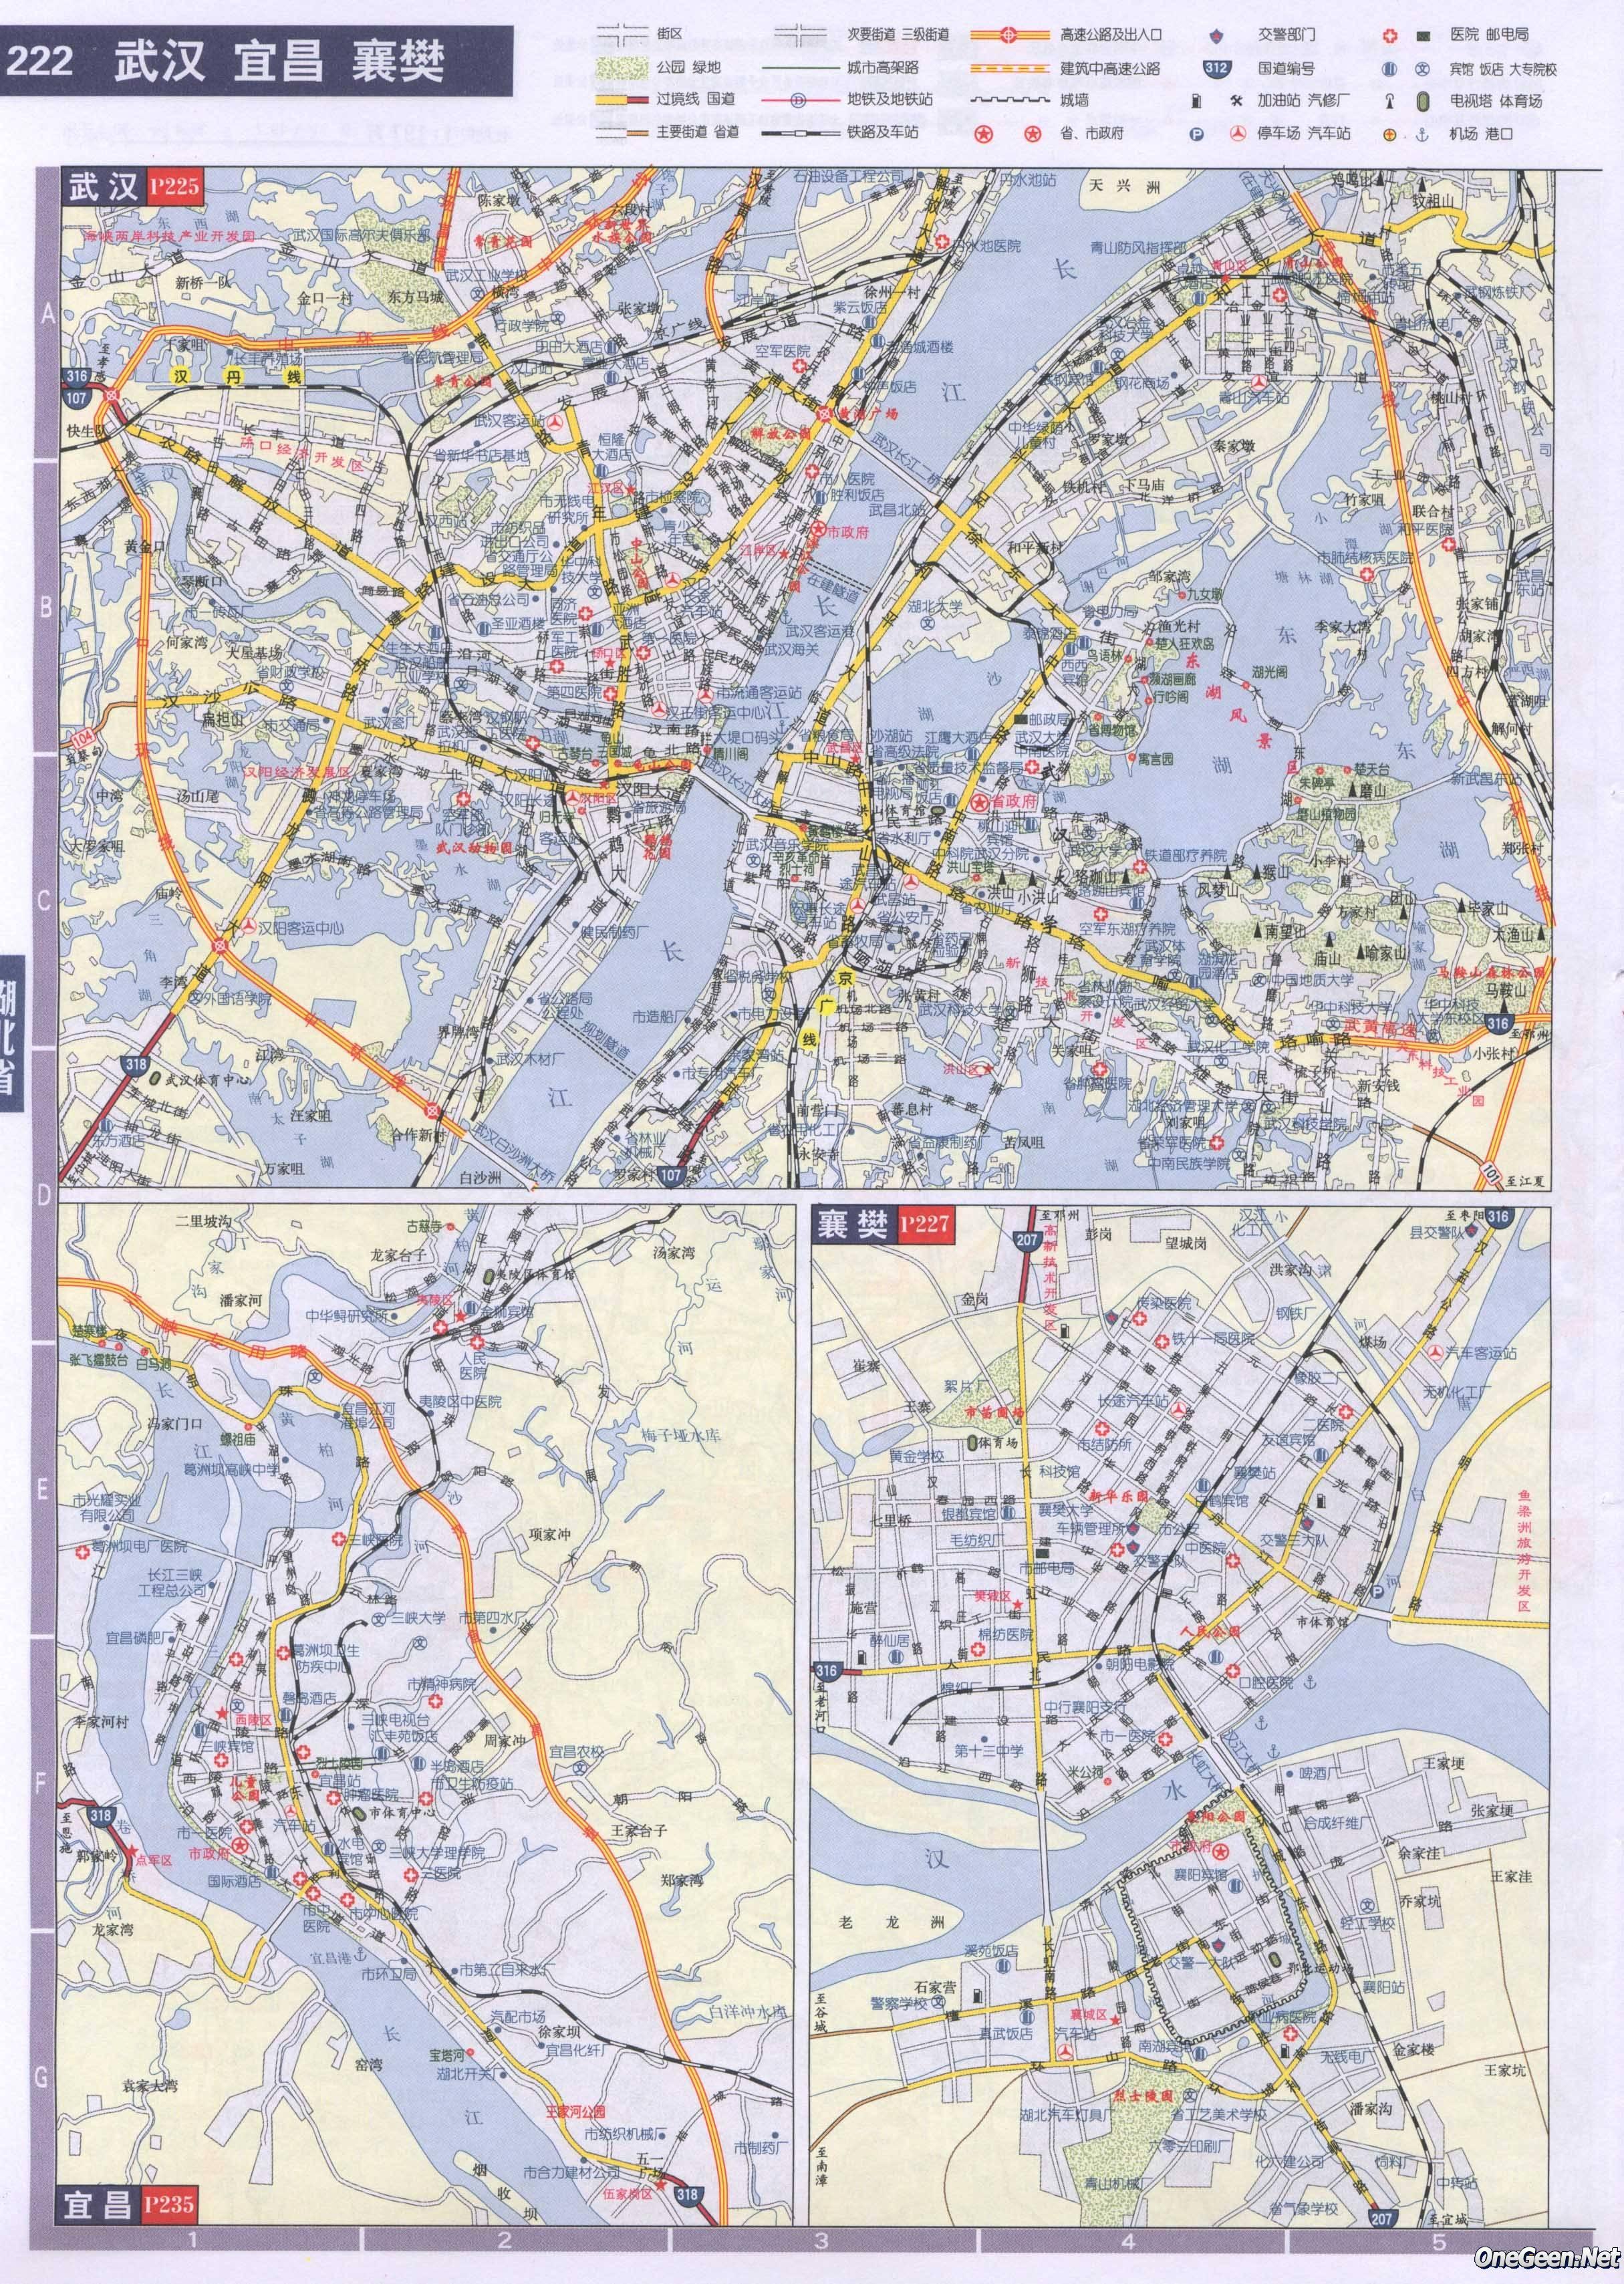 湖北武汉宜昌襄樊交通地图图片